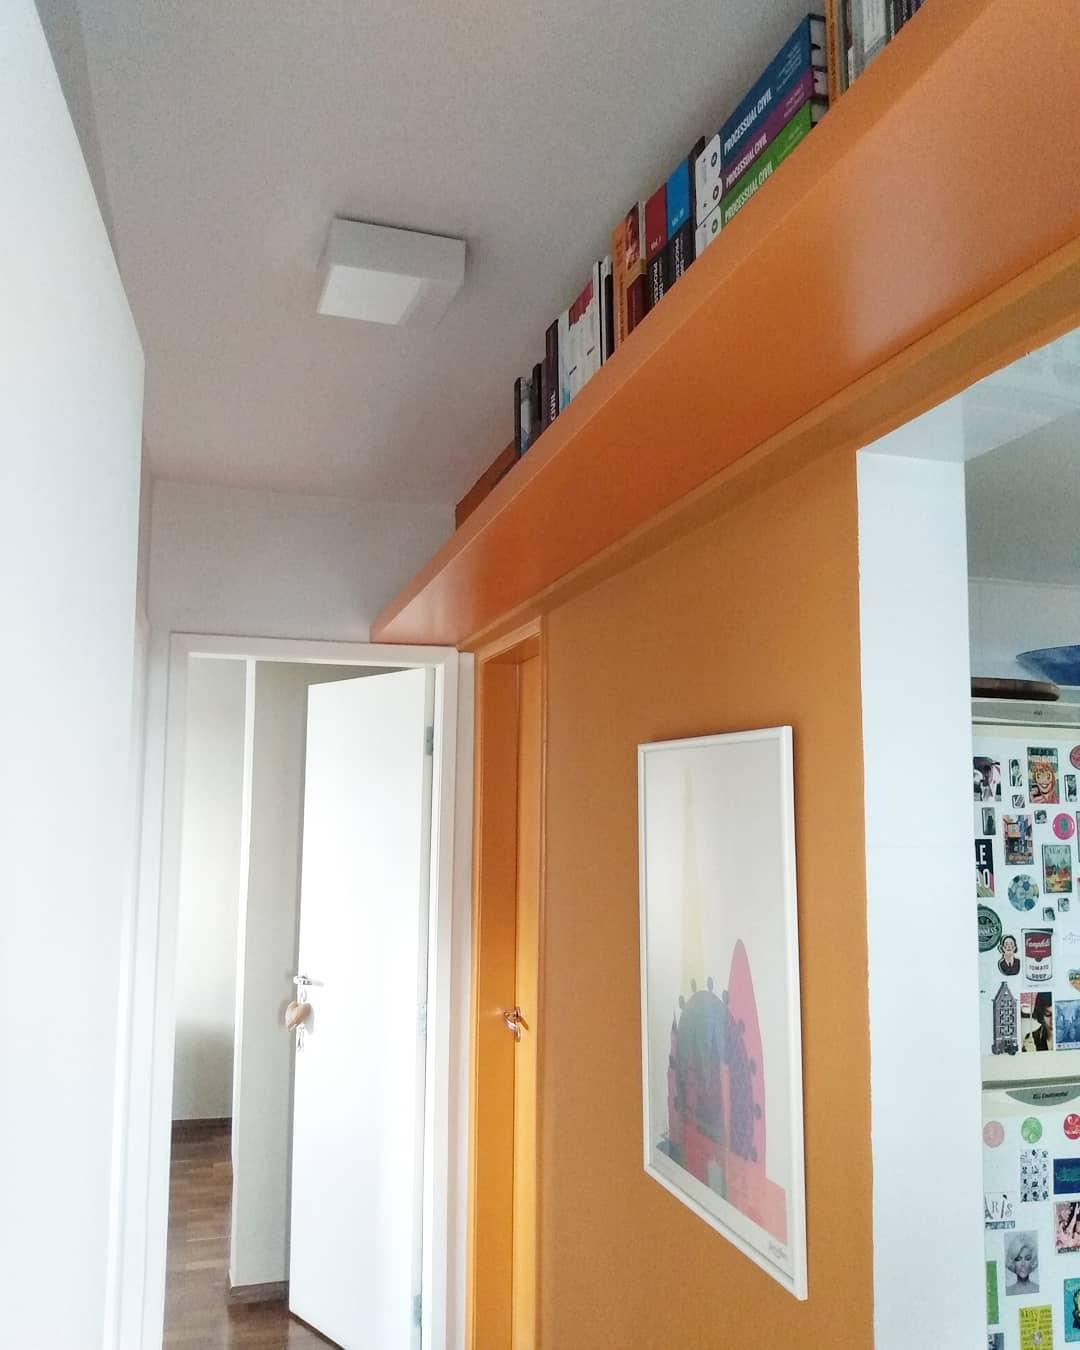 prateleira para livros em corredor